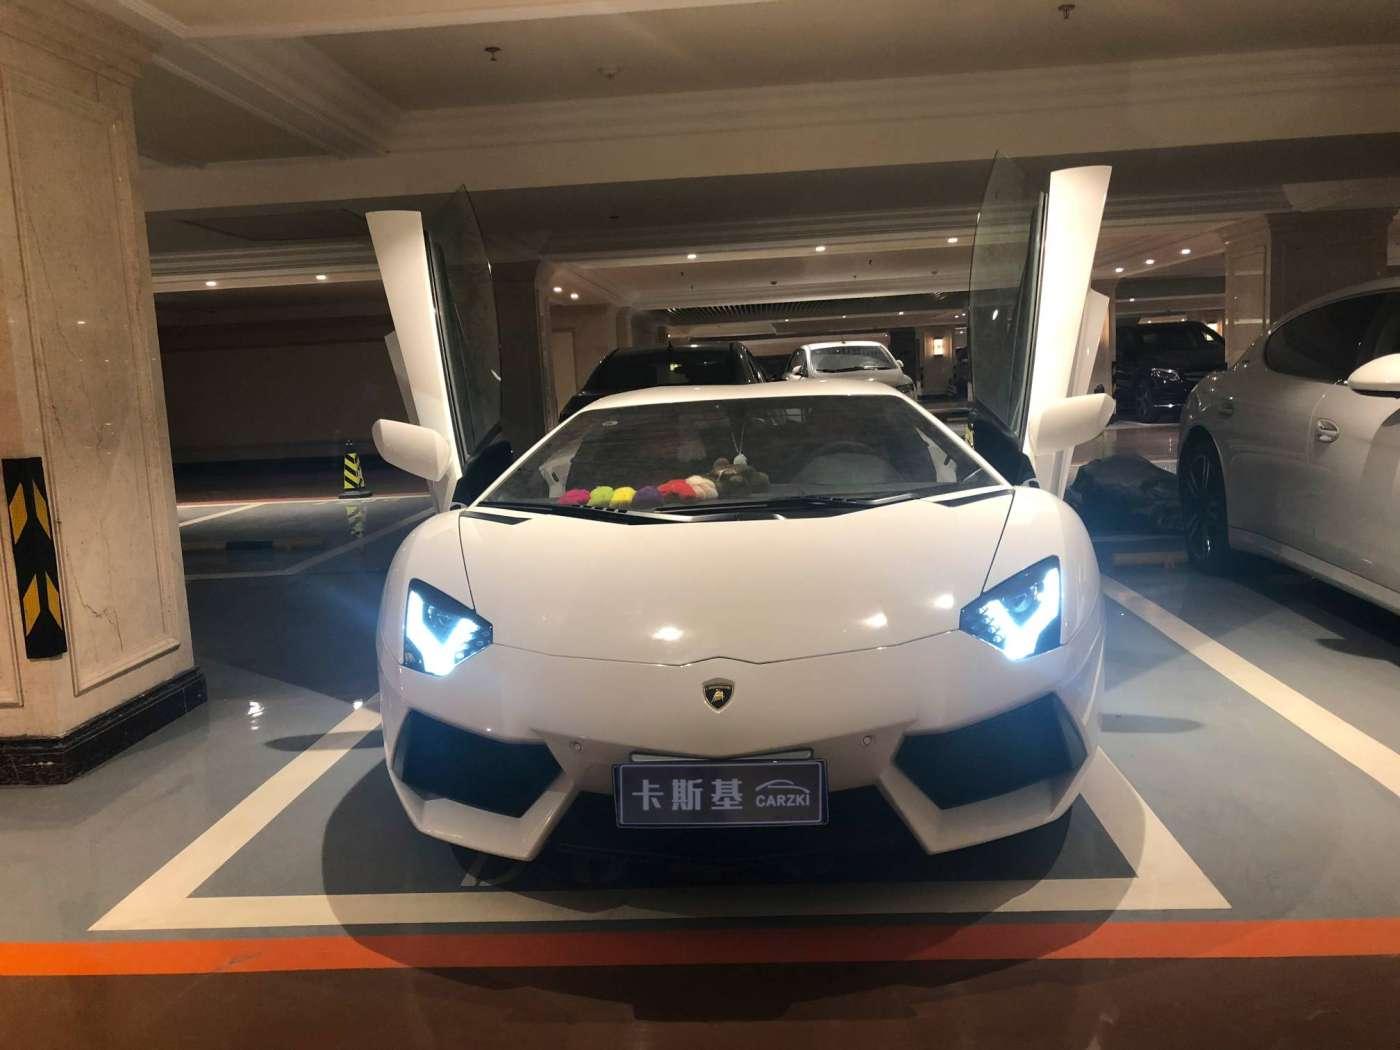 2016年01月 兰博基尼 Aventador 2013款 LP 700-4 Roadster|甄选兰博基尼-北京卡斯基汽车服务有限公司